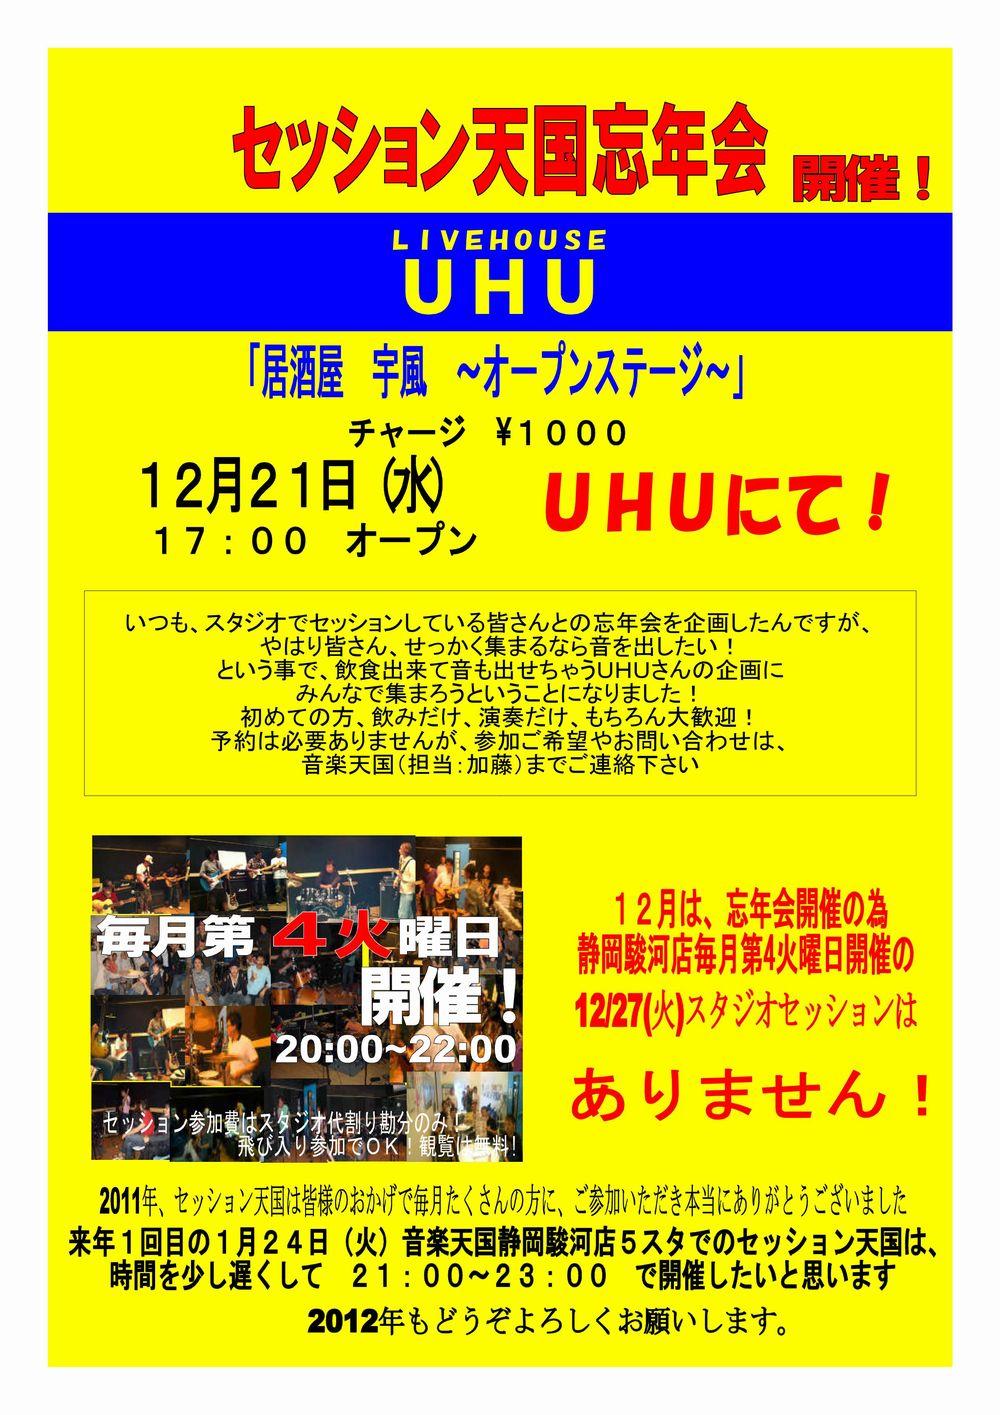 セッション天国・忘年会@静岡UHU12月21日(水)開催!